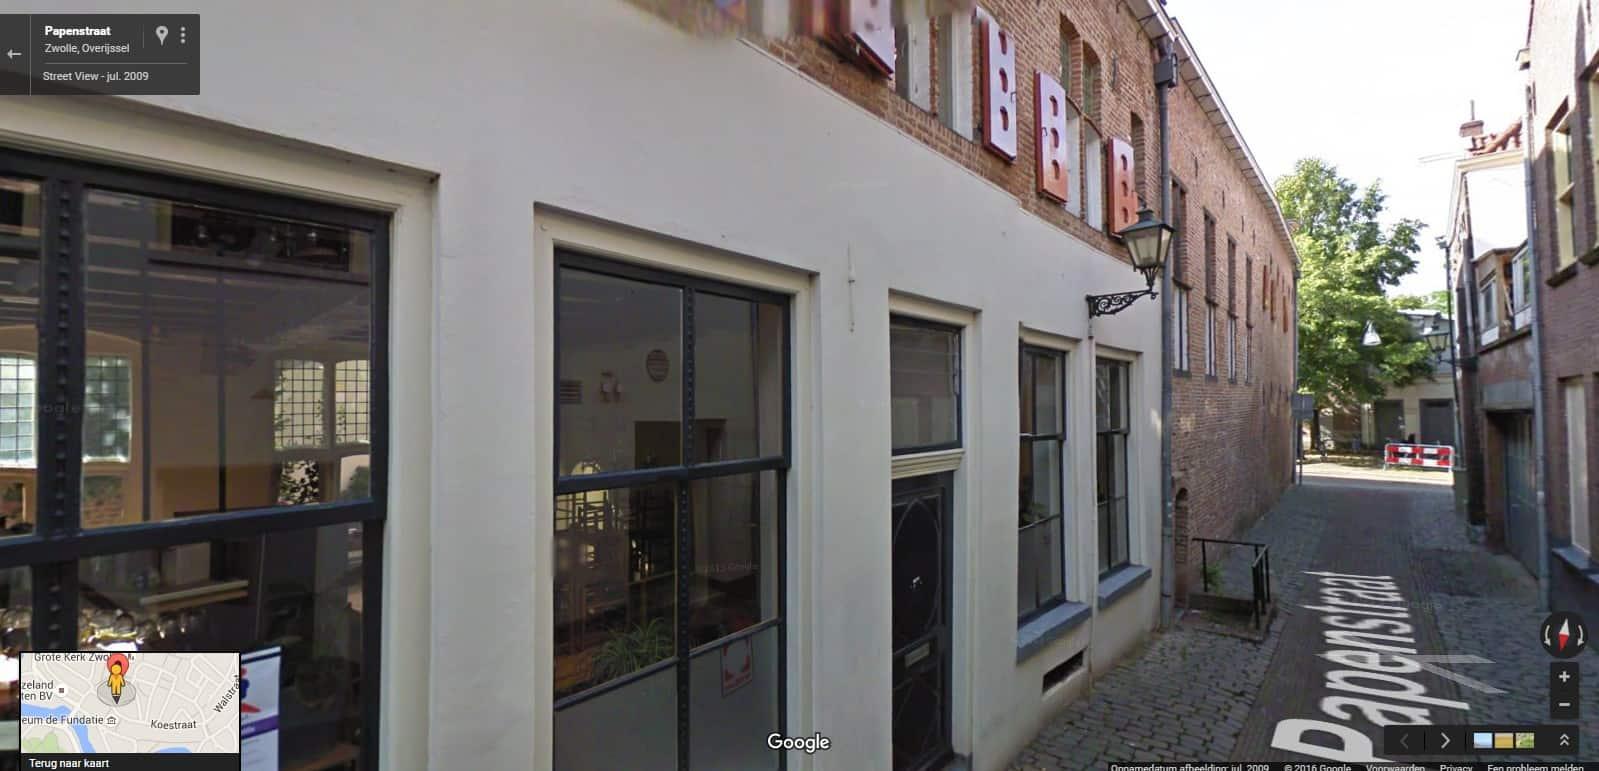 Nieman Raadgevende Ingenieurs adviseert renovatie en hergebruik van het monumentale Celecomplex tot het nieuwe Herman Brood museum in Zwolle